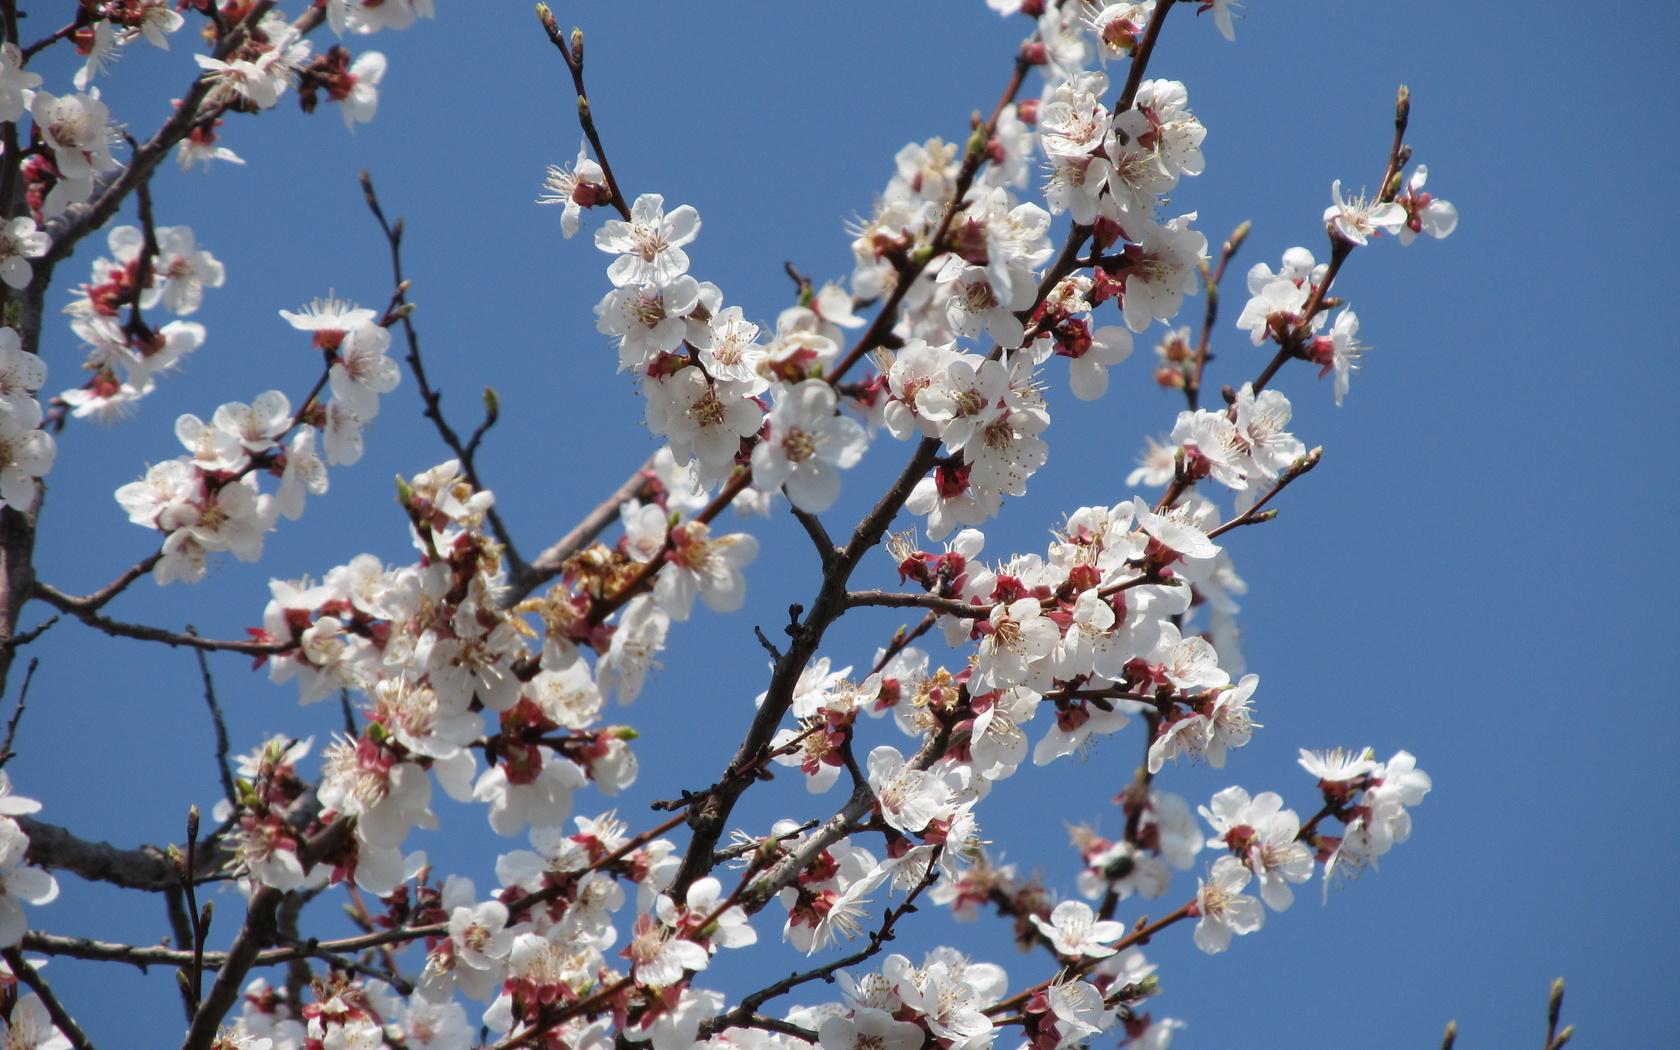 обыкновенная картинки цветущих деревьев абрикос смотреть этом виноват ему